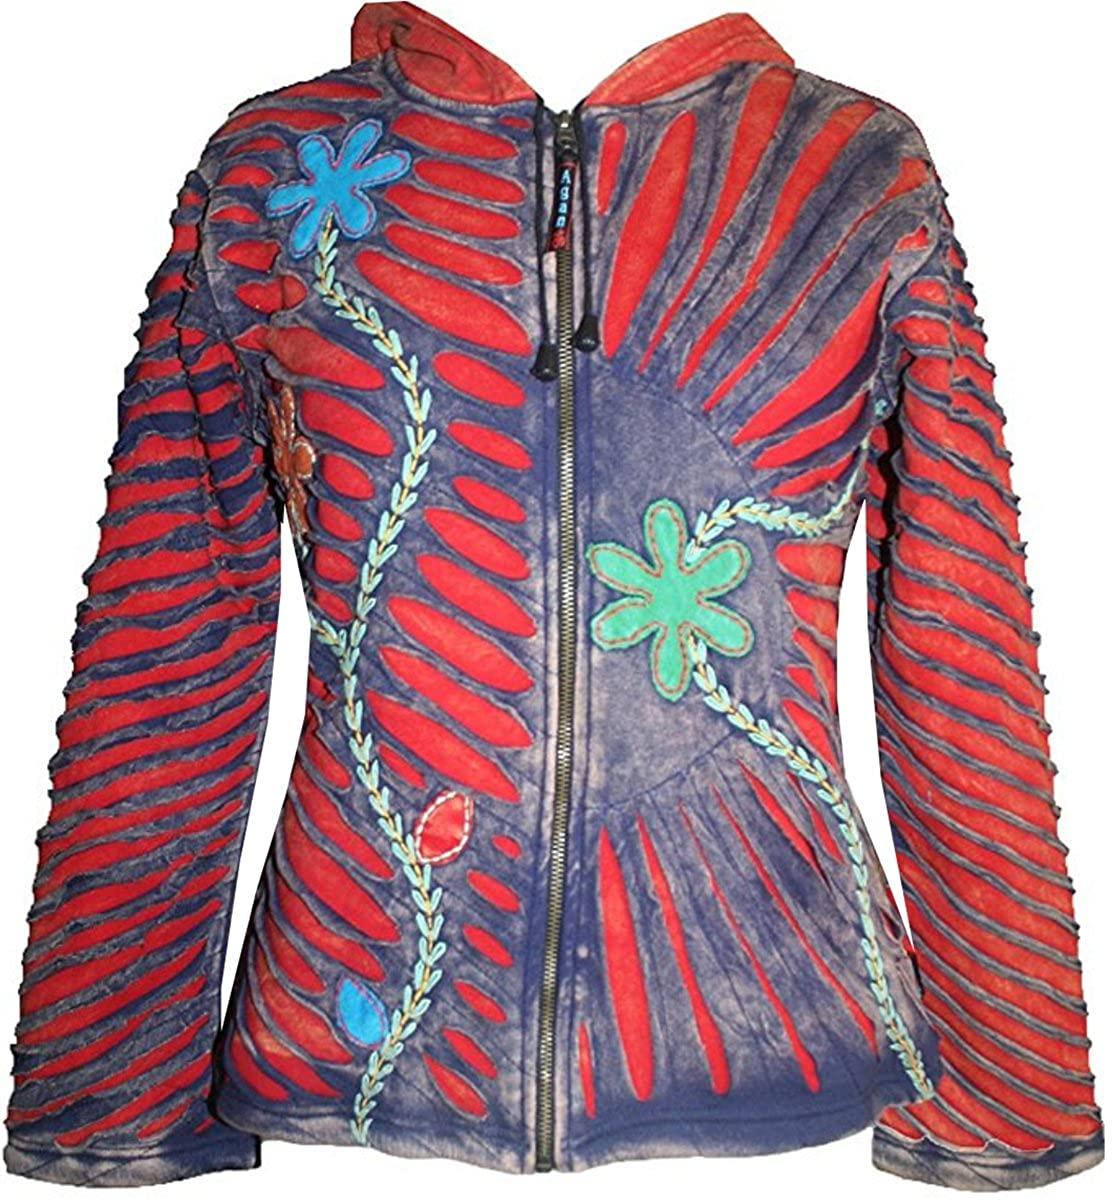 Agan Traders RJ 313 Women's Patch Funky Fleece Insulated Bohemian Outwear Winter Jacket